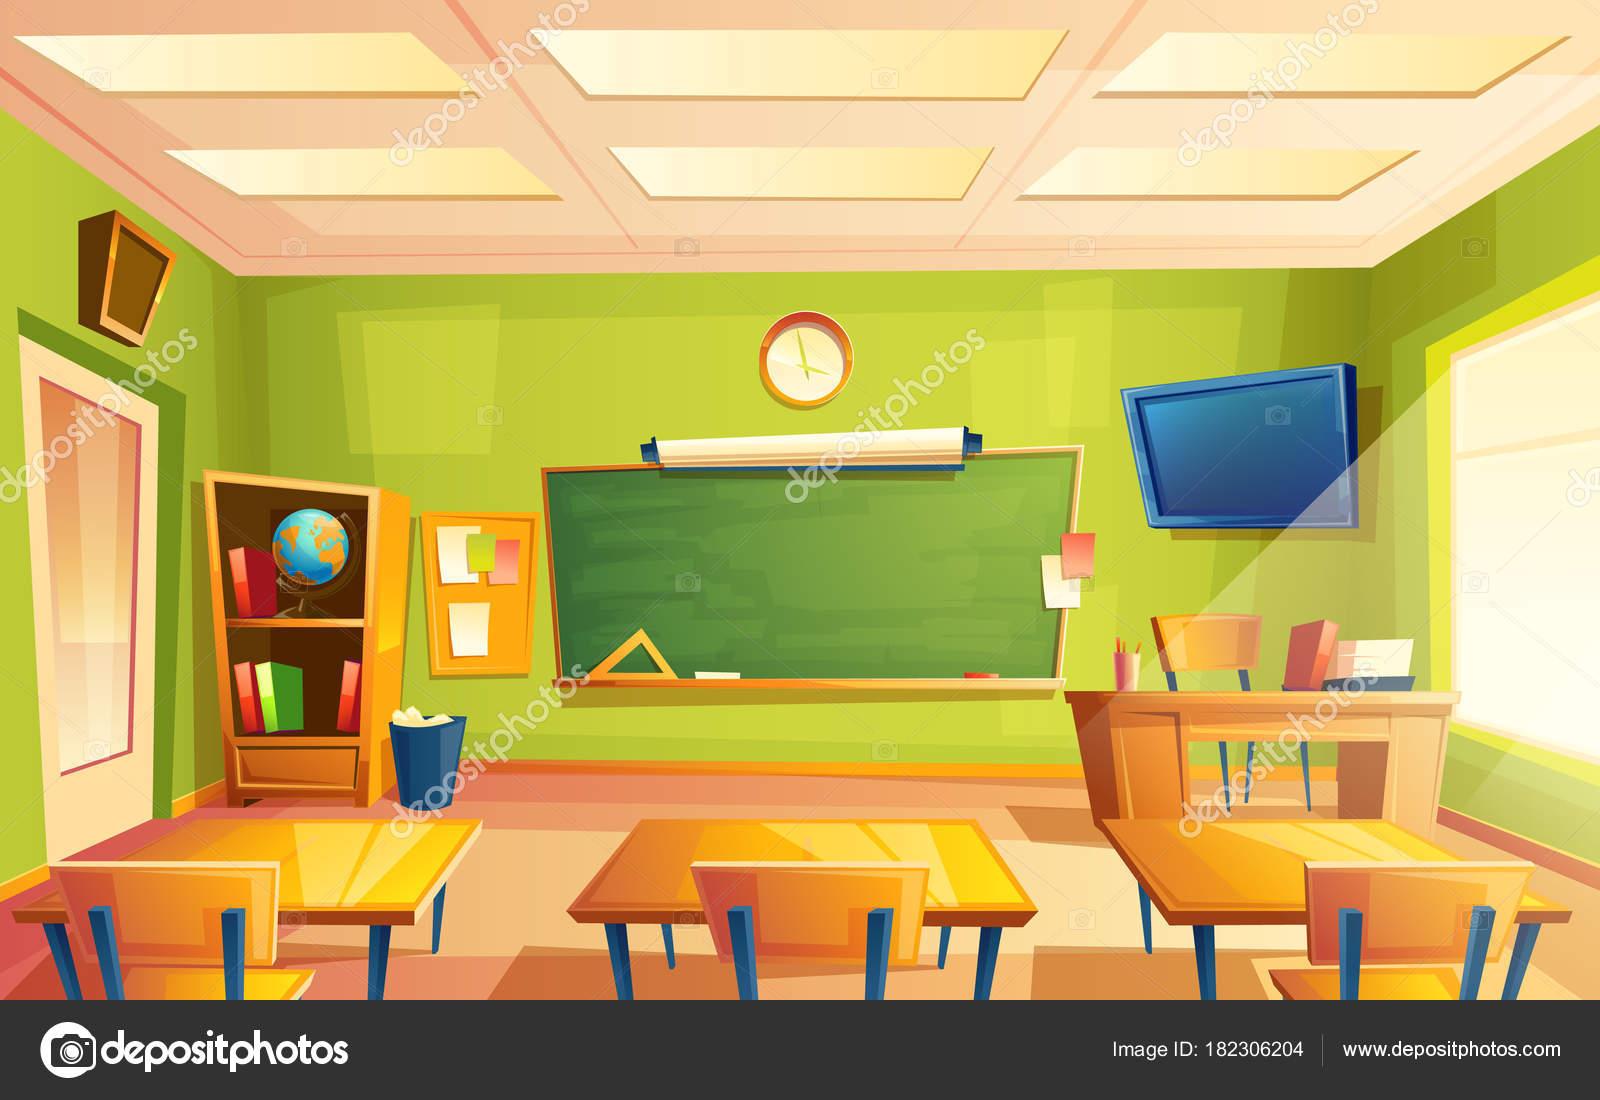 vector school klas interieur opleiding van de kamer universiteit onderwijsconcept blackboard tafel